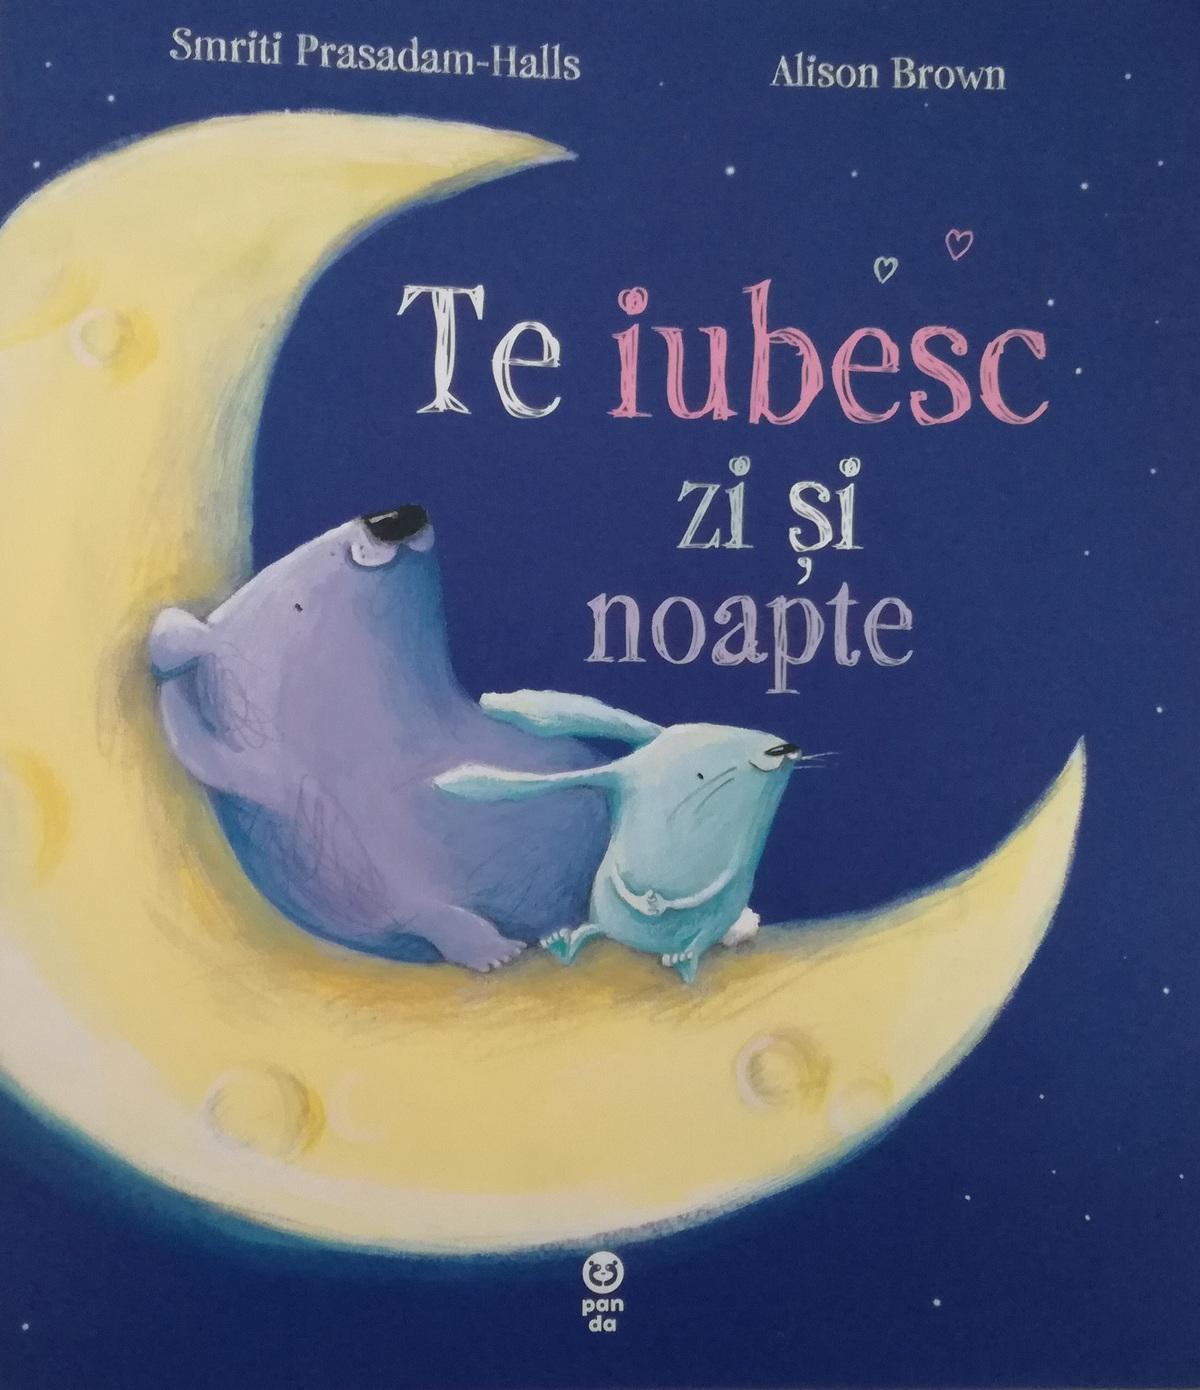 te iubesc zi si noapte